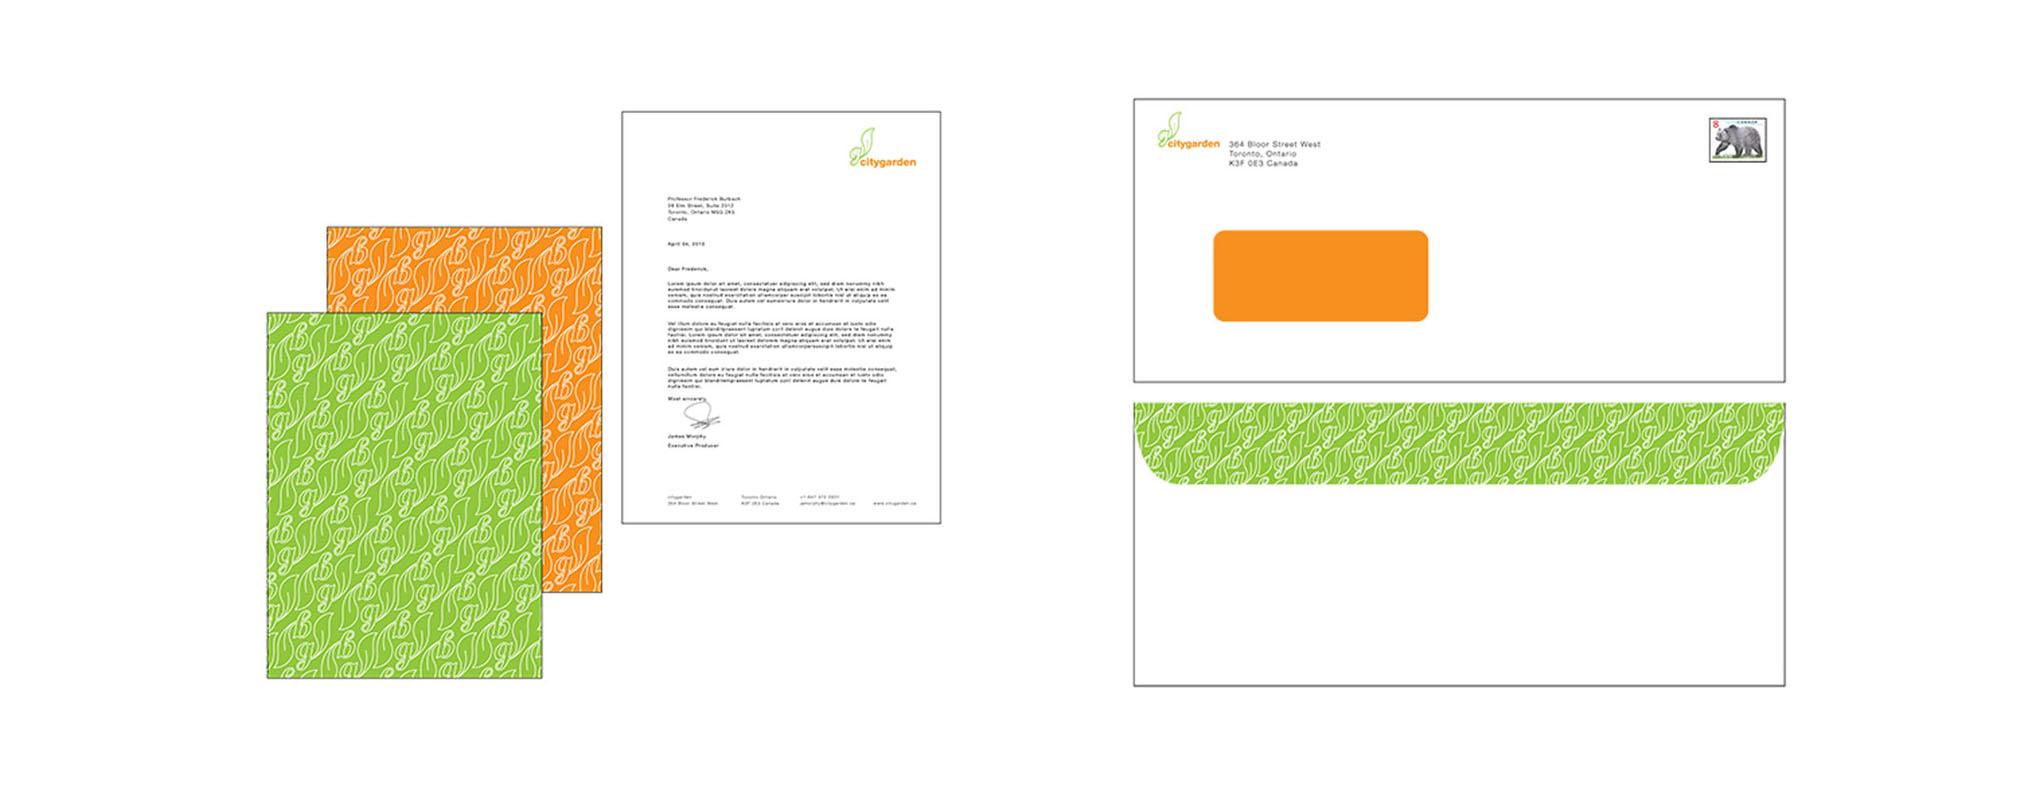 web-Brandbook-citygarden-5.jpg